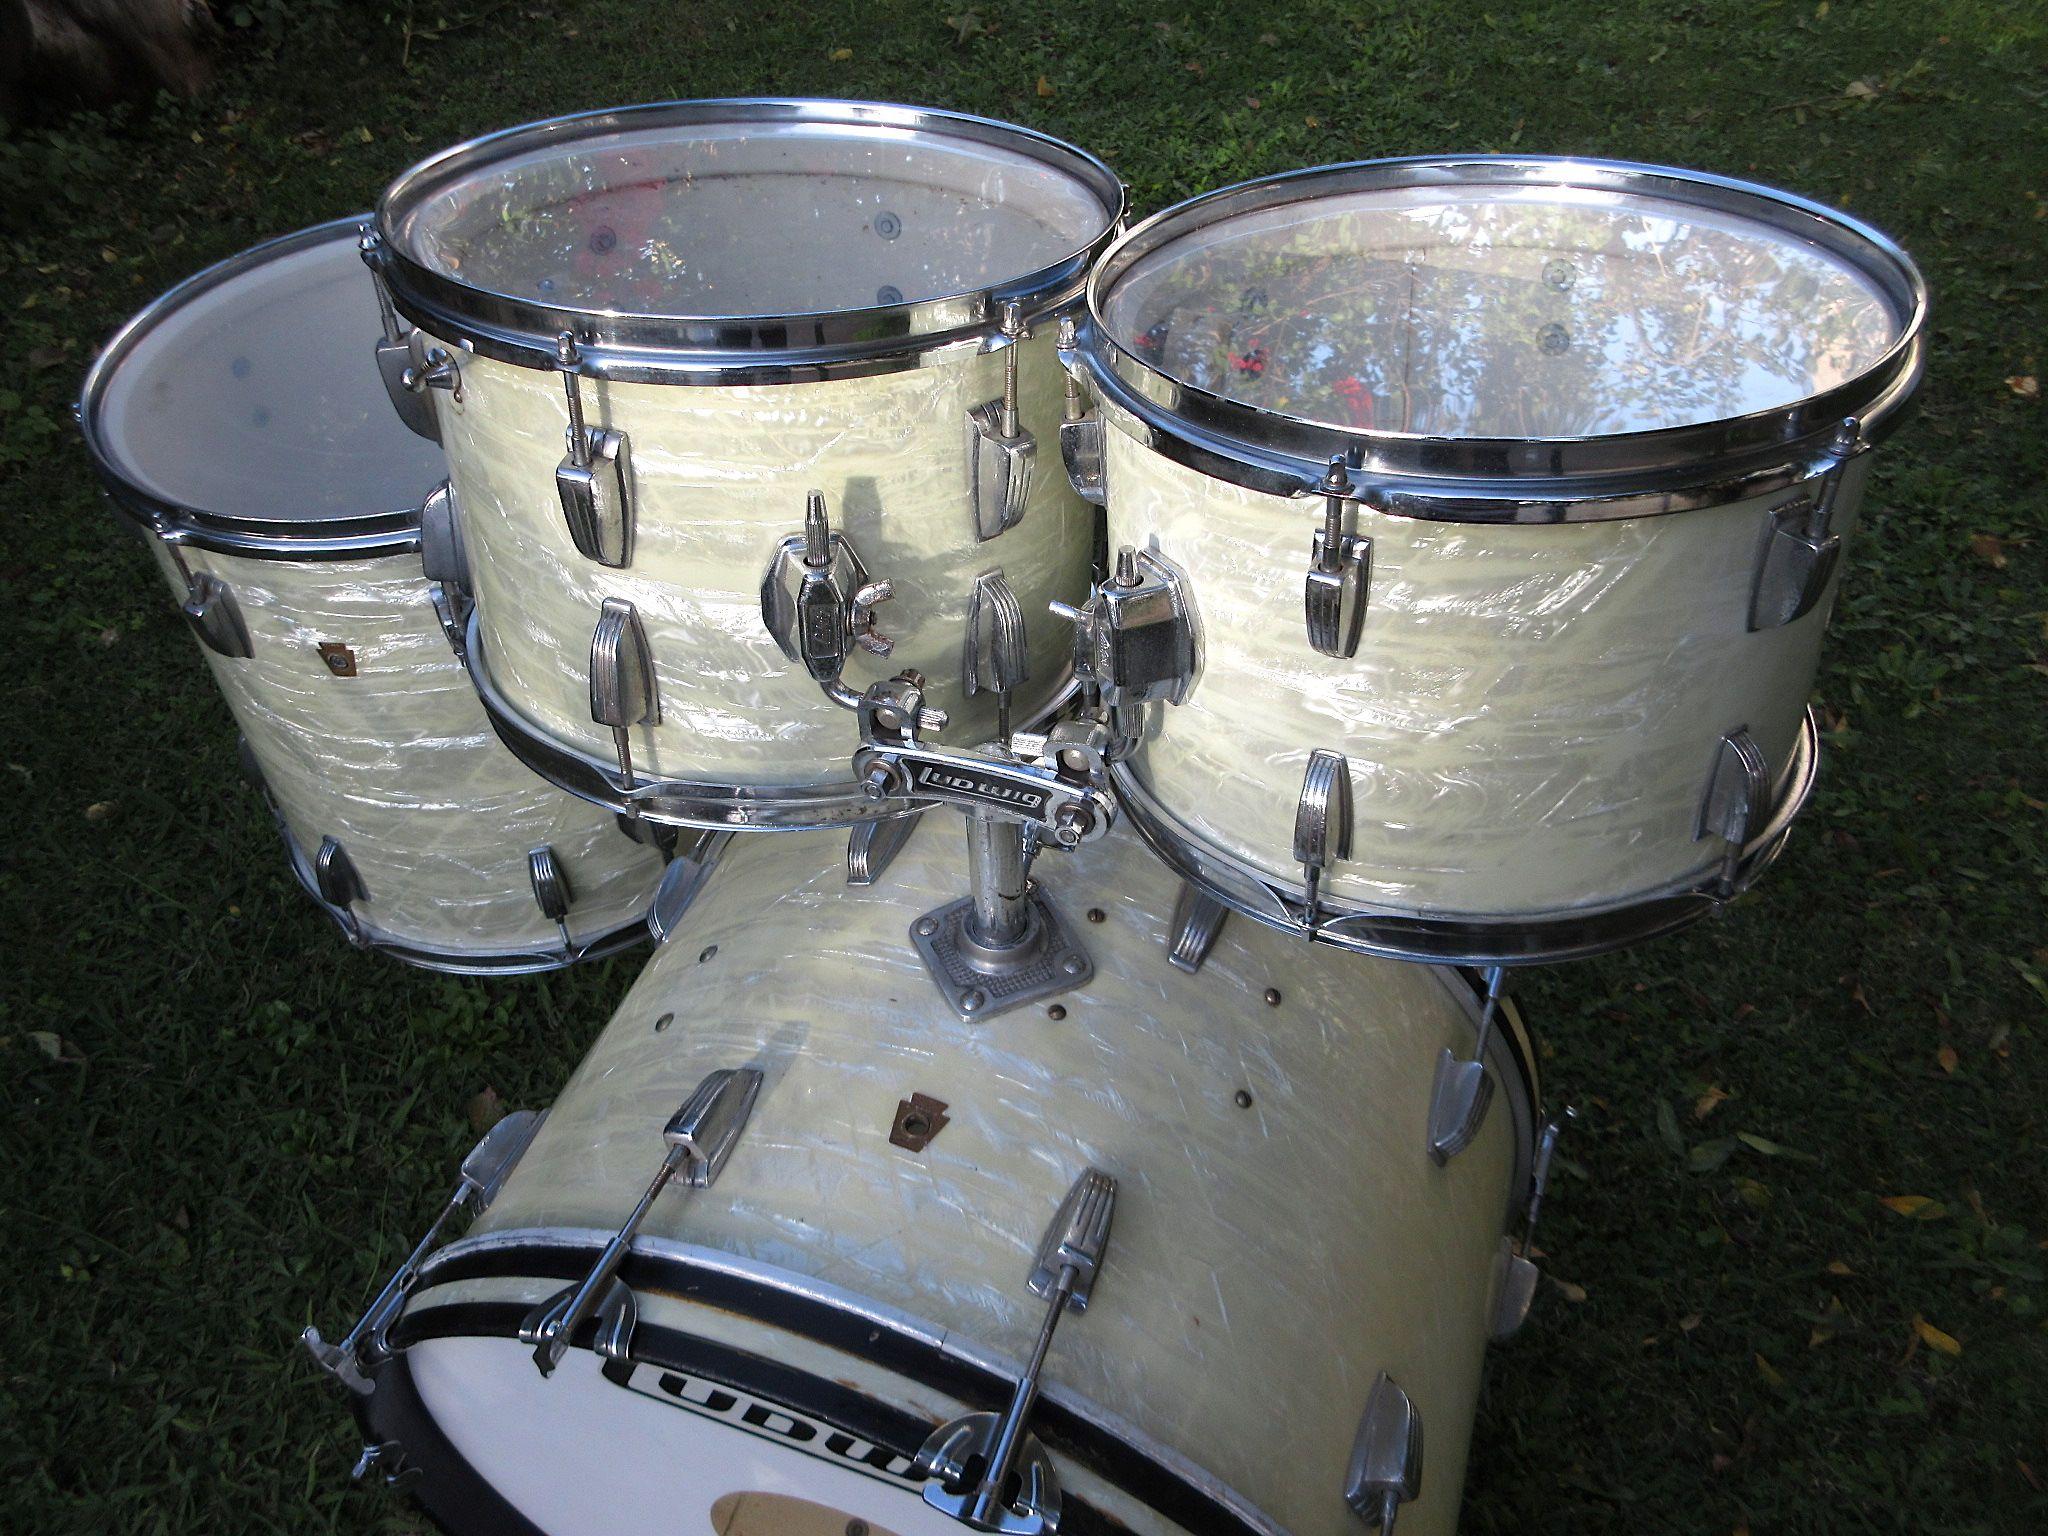 Rogers tamburi datazione